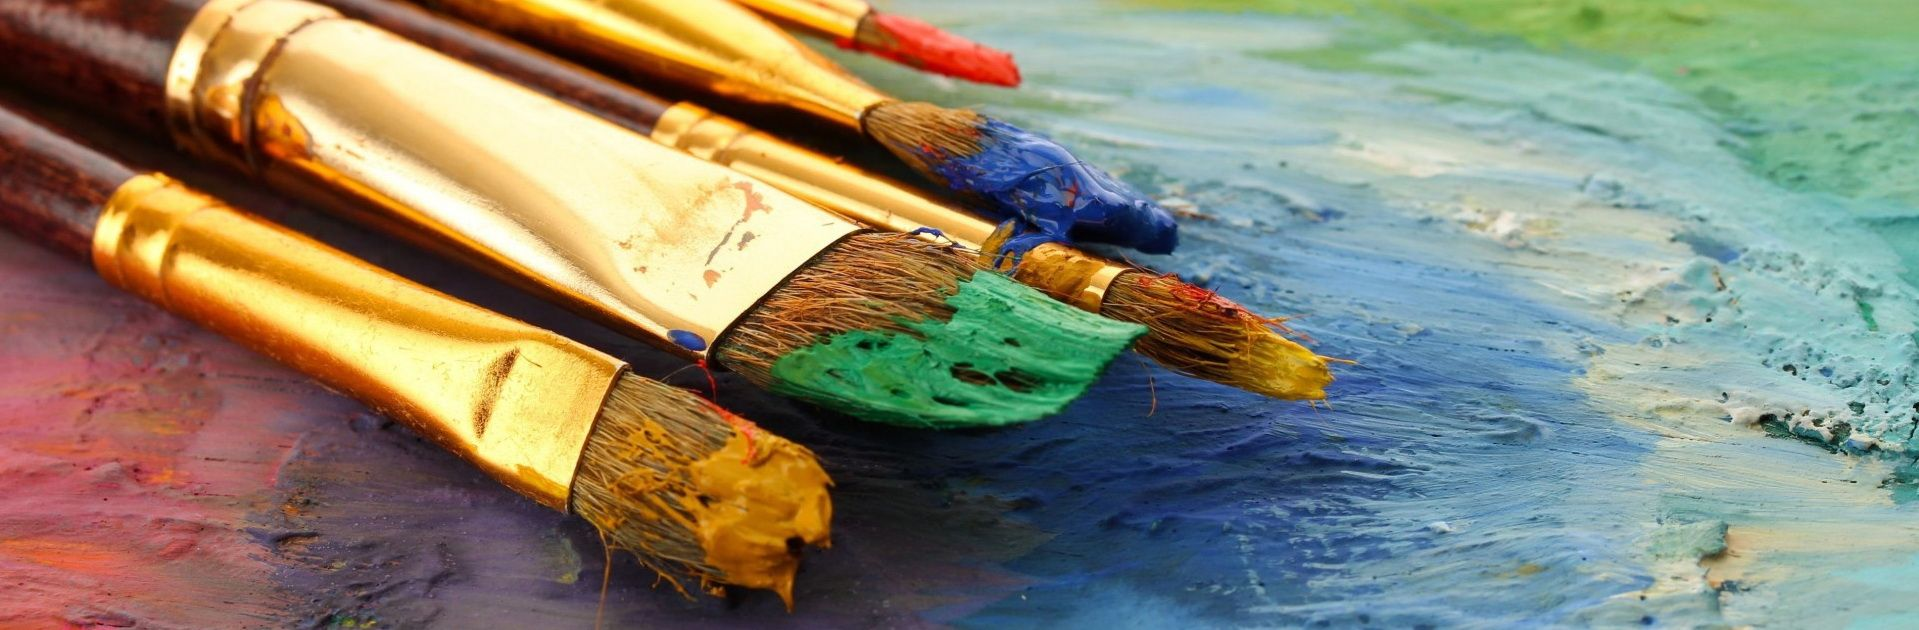 Blog Pintores Madrid - Consejos de Pintores en Madrid | Pintores ...